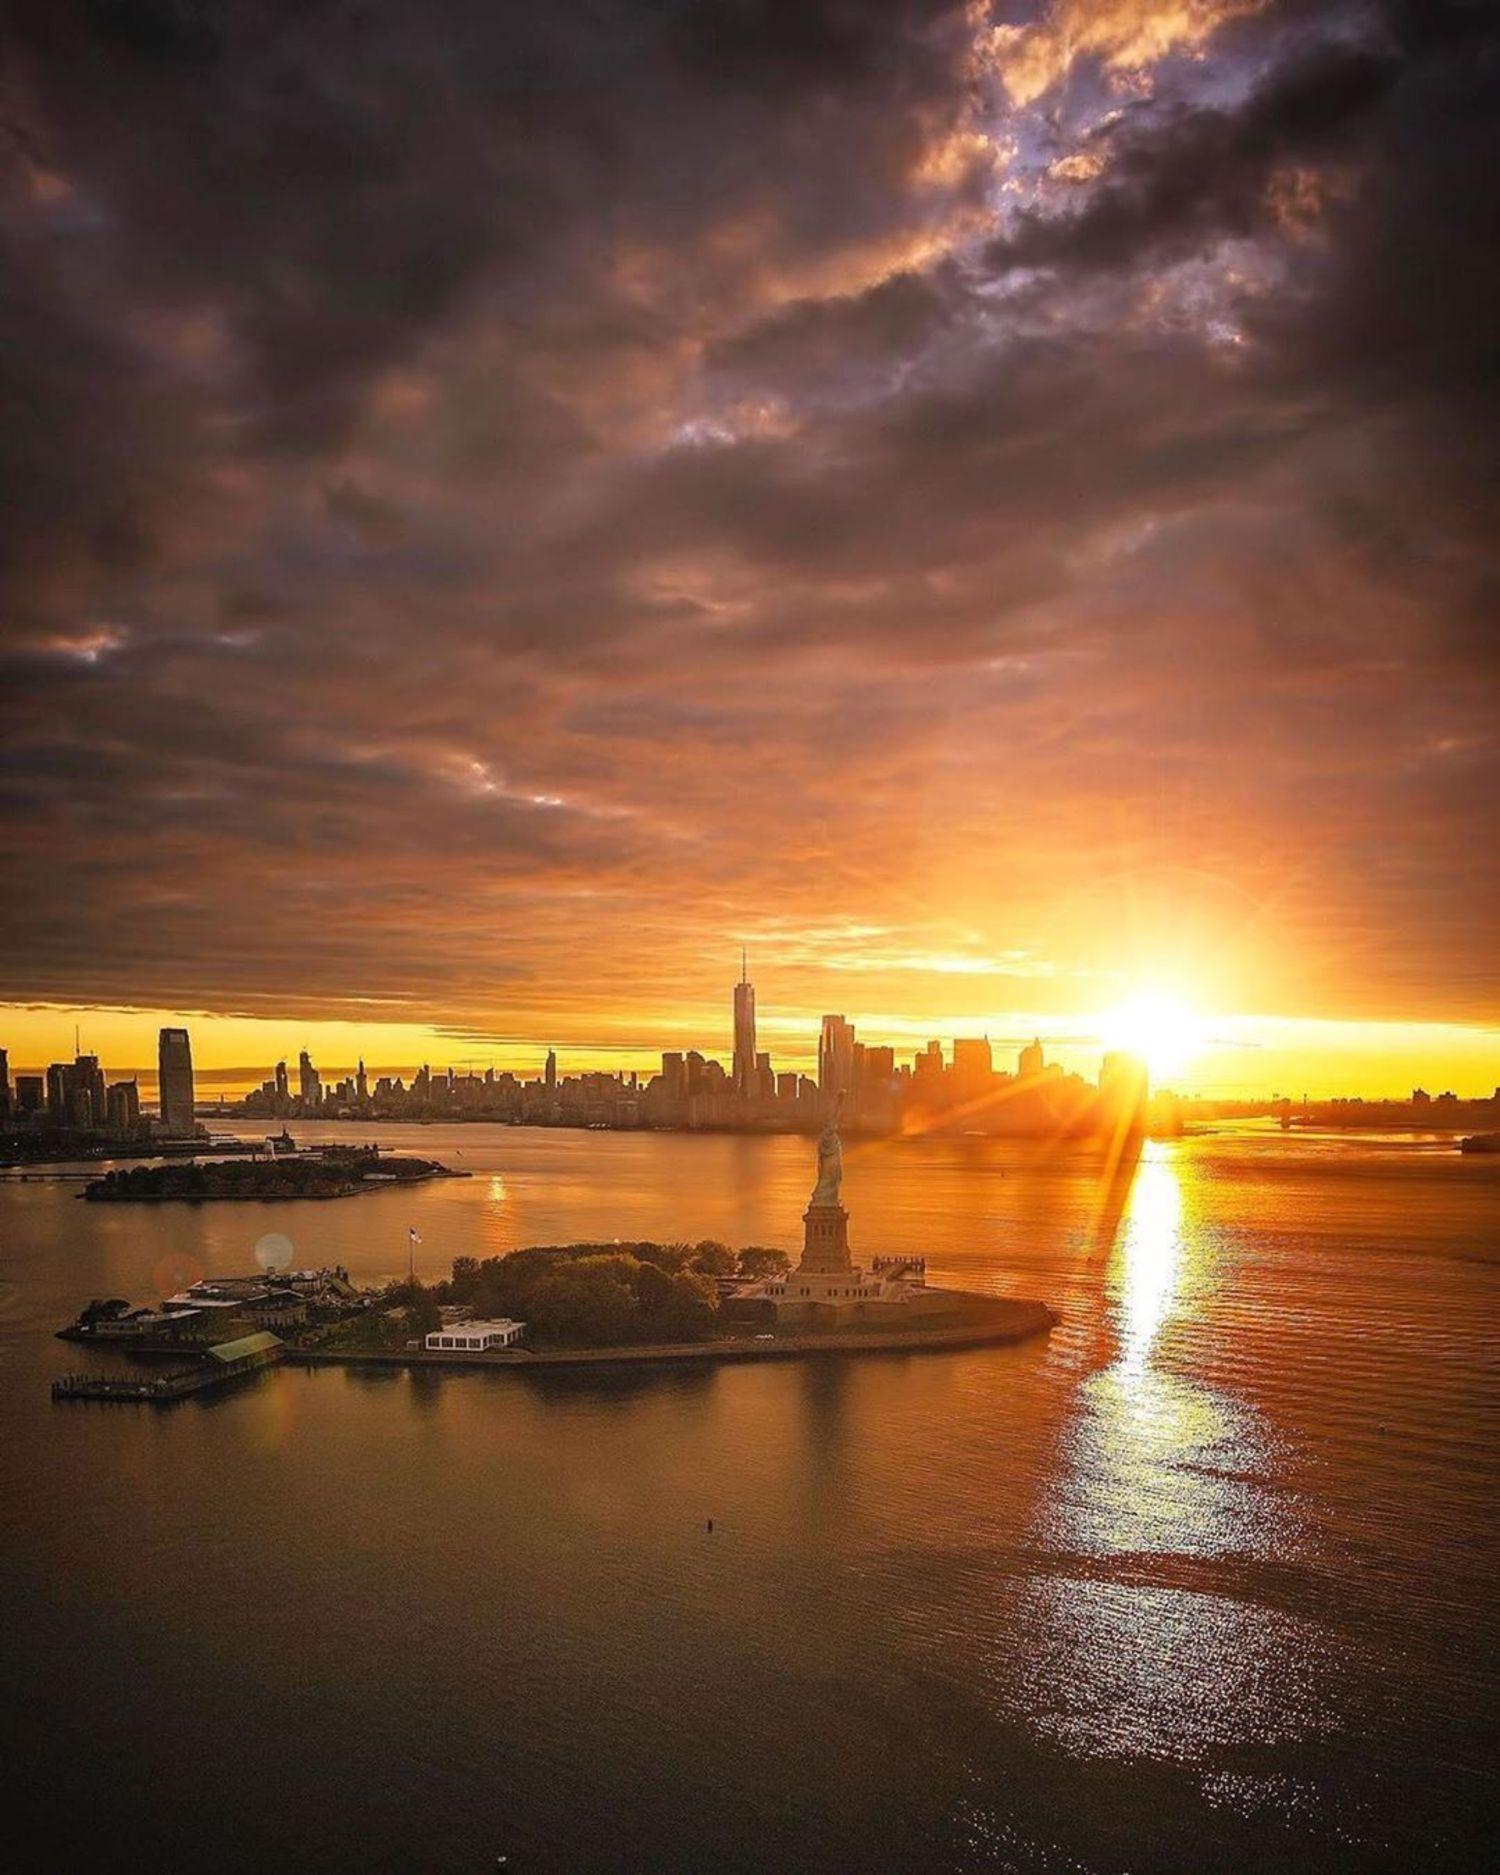 New York Harbor, New York, New York. @flynyon